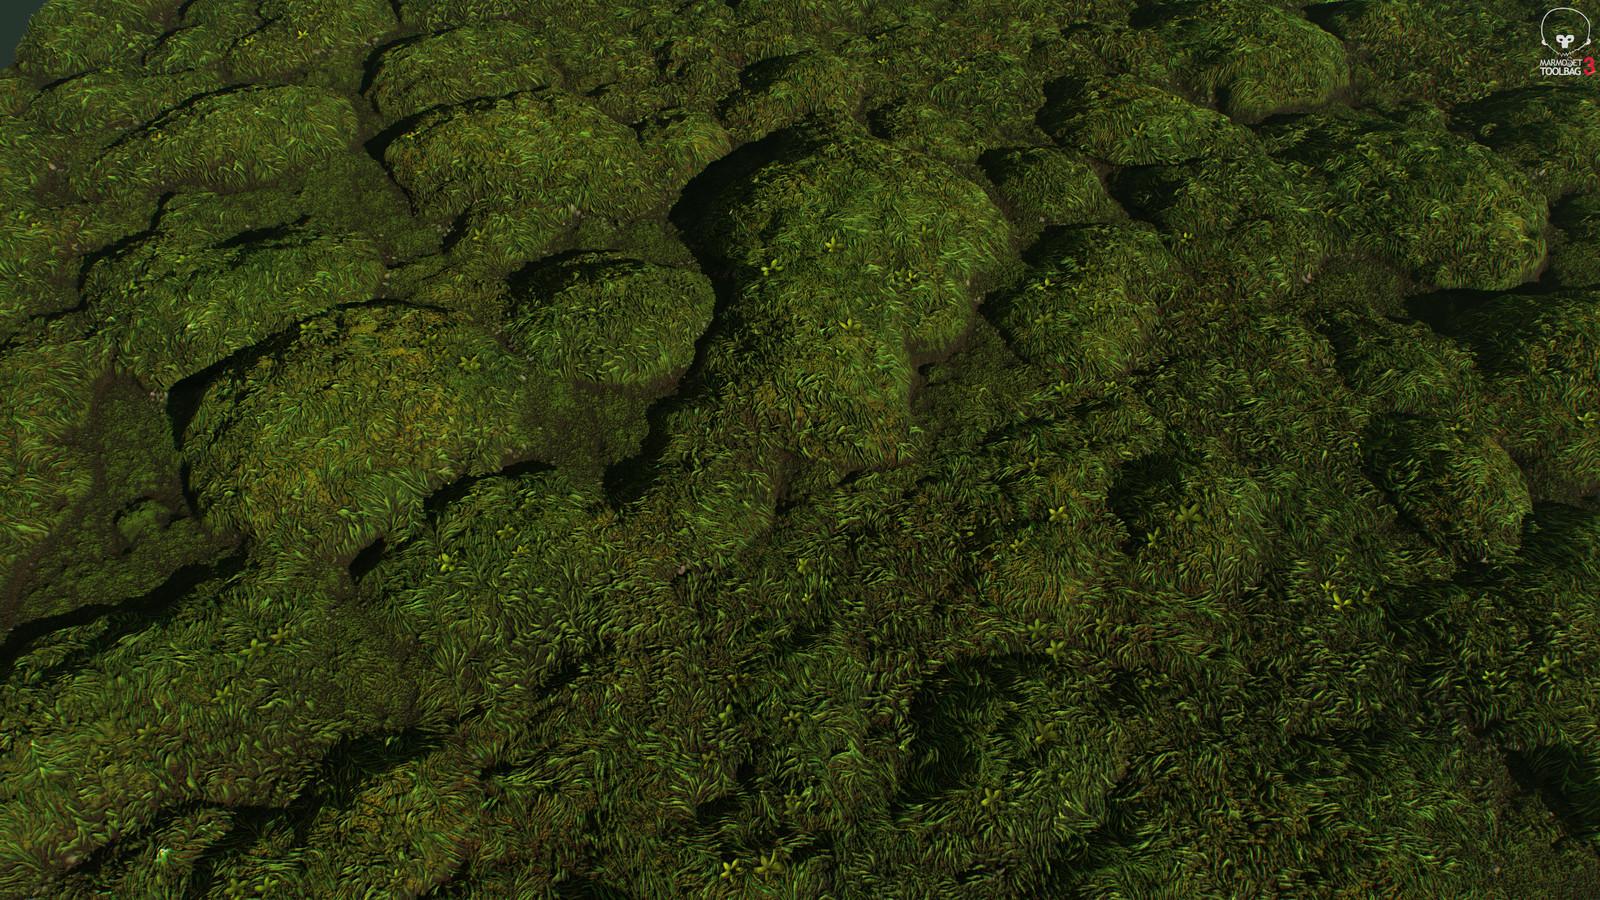 Moss & Grass 01